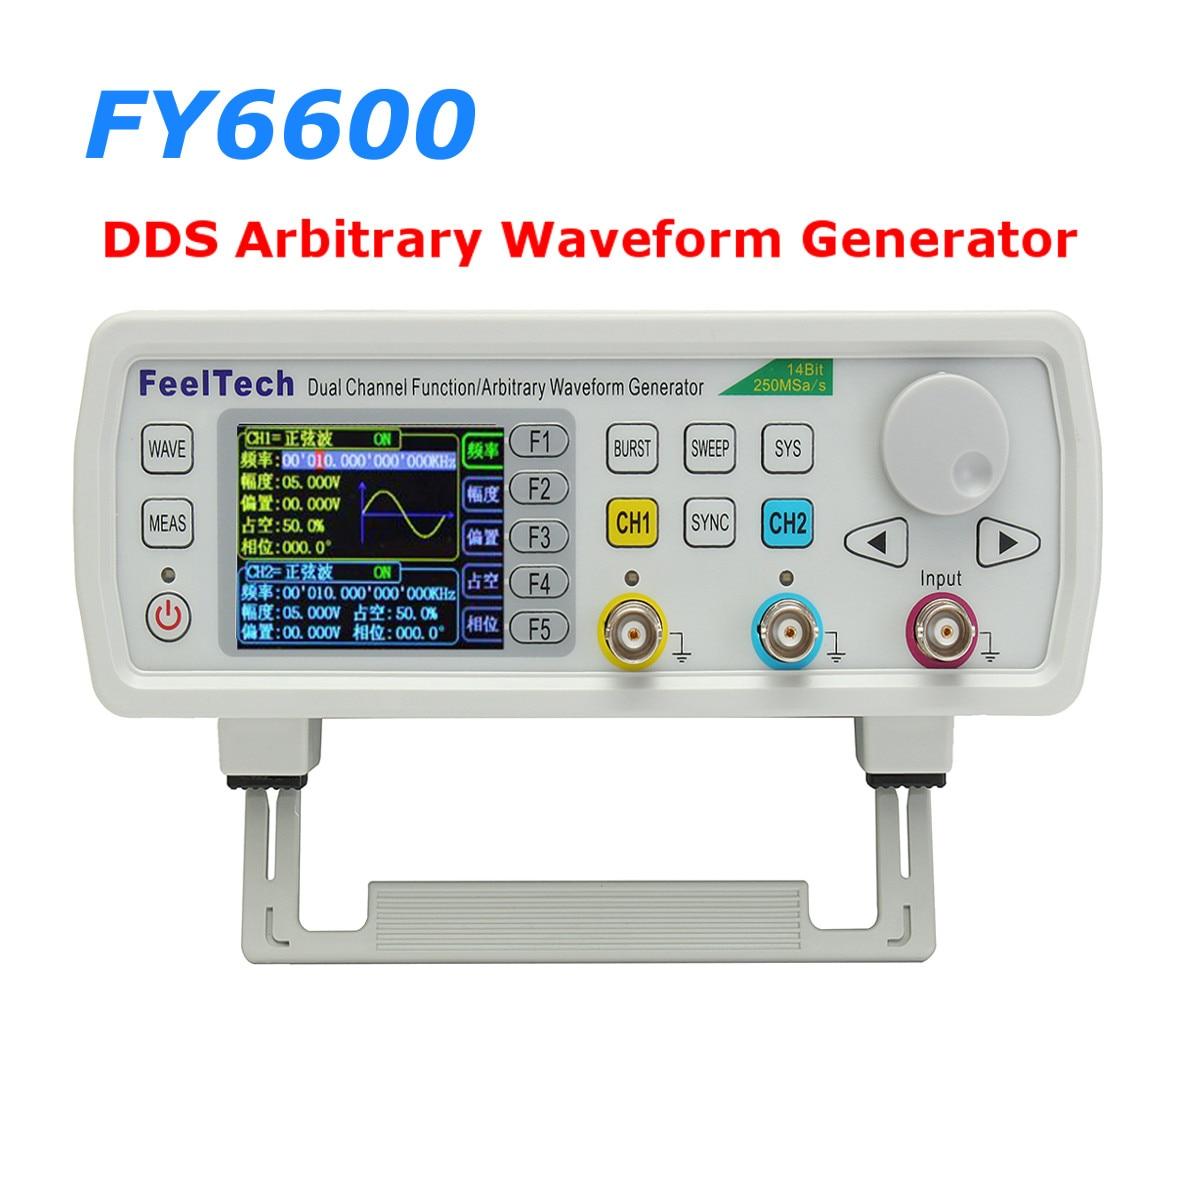 FY6600 60Hz FeelTech DDS Dual Channel Function Arbitrary Waveform Generator frequency meter Arbitrary Digital Signal Generator rigol dg1022u 25mhz arbitrary waveform frequency meter function generator with usb signal generator